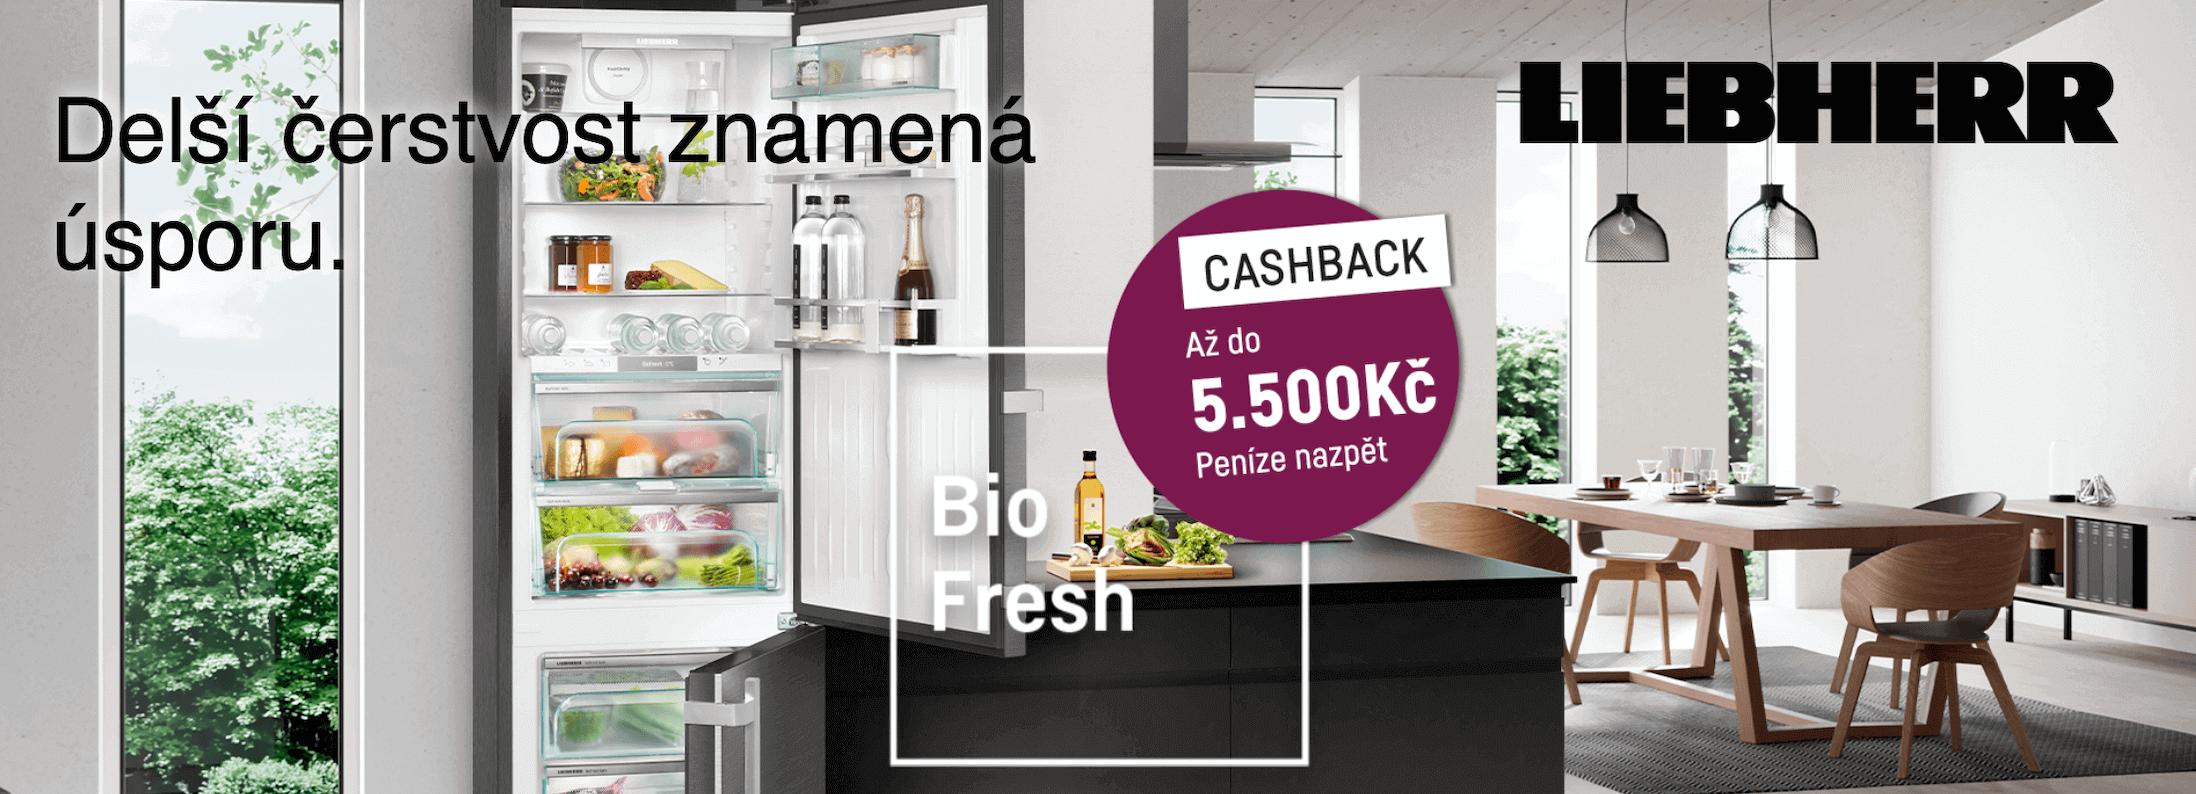 Liebherr - Cashback BioFresh